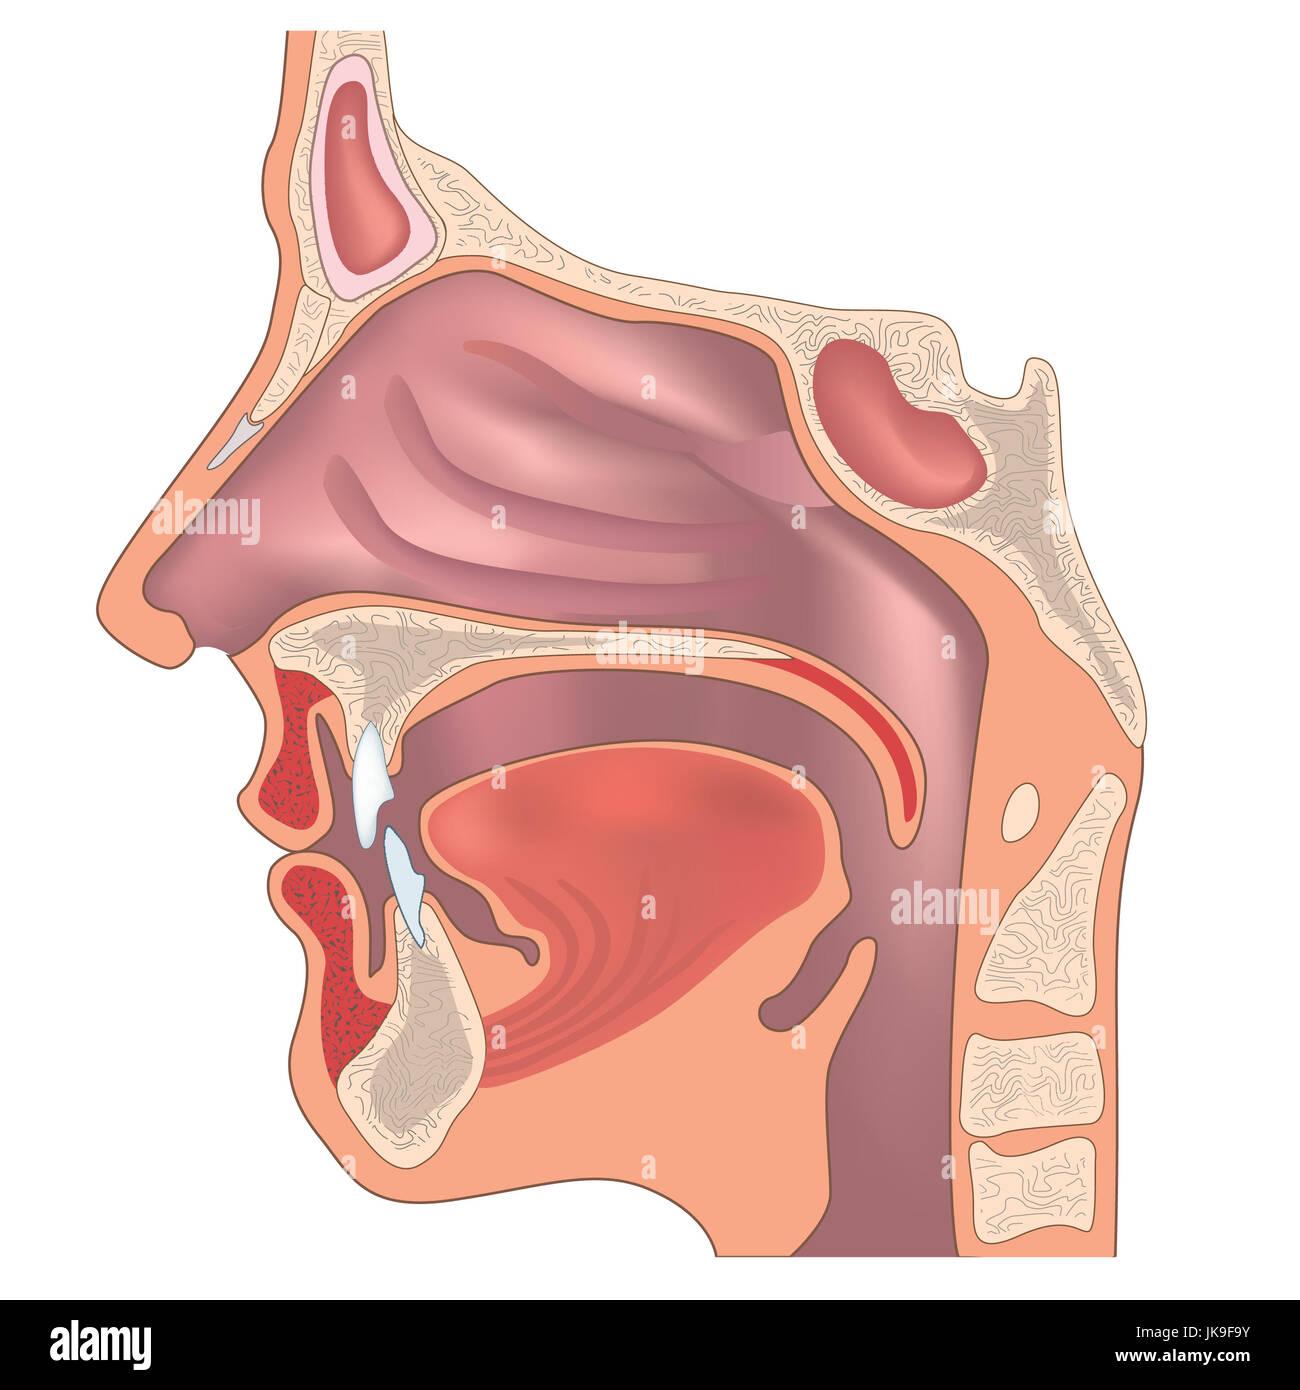 Anatomie der Nase und Rachen. Menschliche organ struktur ...